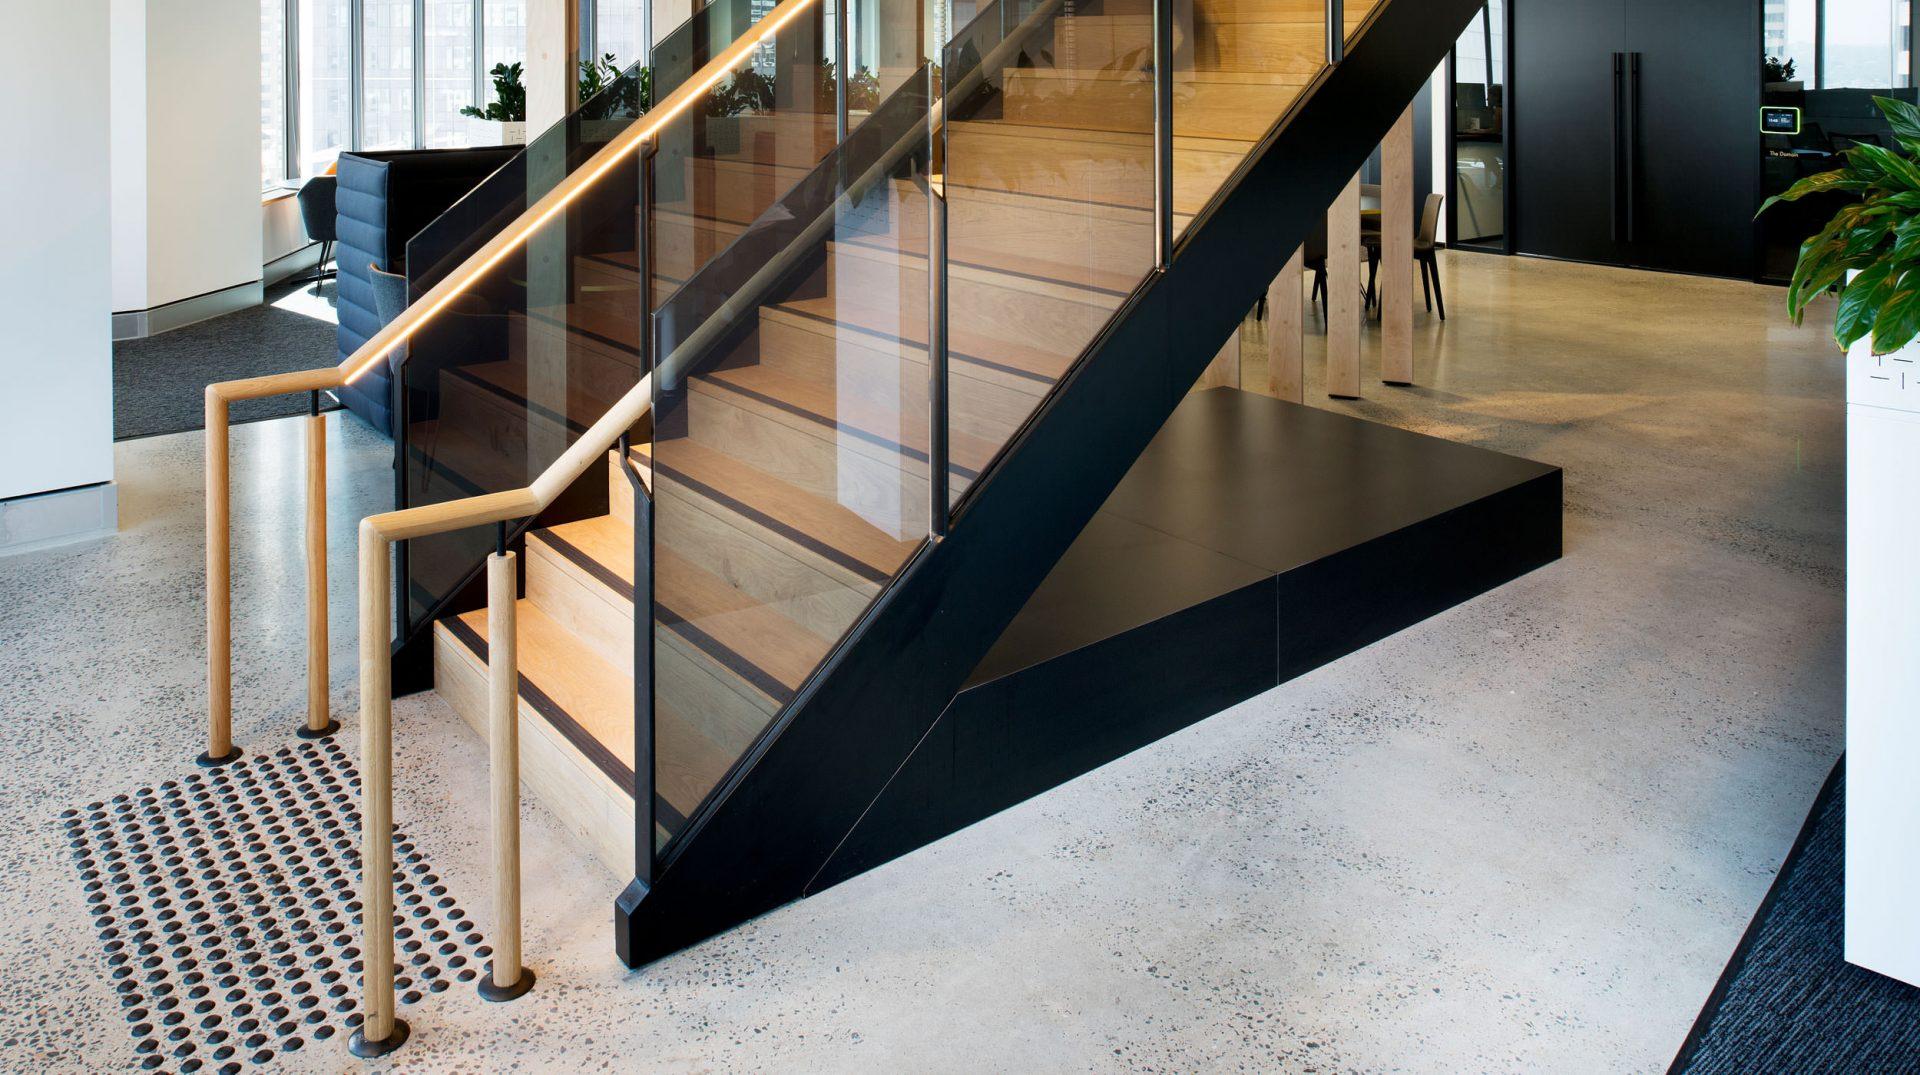 commercial balustrade design Australian standard